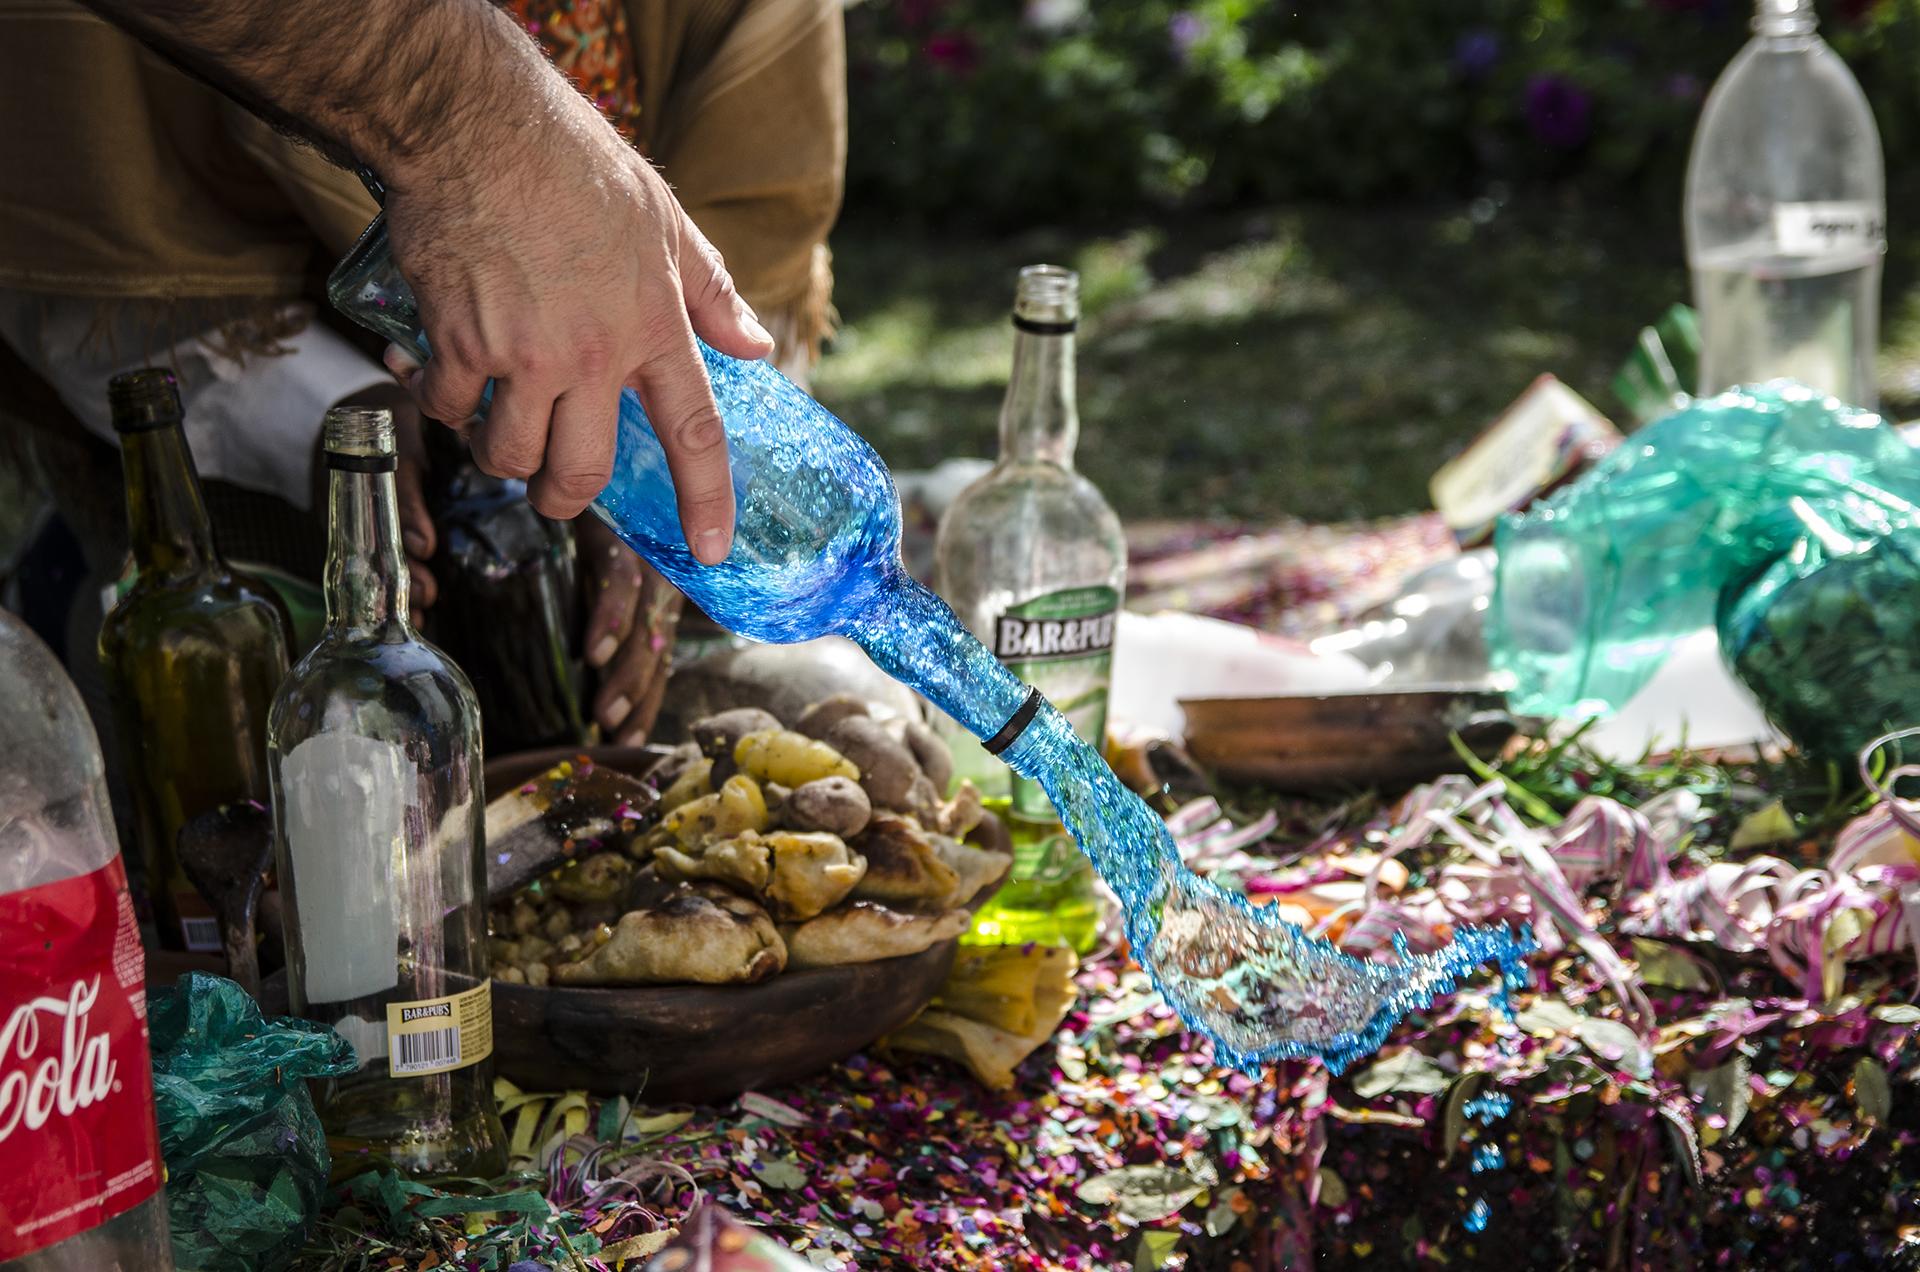 """Mediante la corpachada se """"alimenta"""" a la Pachamama. Se realiza un pozo en la tierra, donde se colocan alimentos y bebidas, que varían. Chicha, vino, comidas criollas, hojas de coca y otras ofrendas. Todo lo creado proviene de la tierra: se trata de devolverle algo de lo que da. Foto: en Jujuy se celebra en distintos puntos a lo largo de la provincia."""